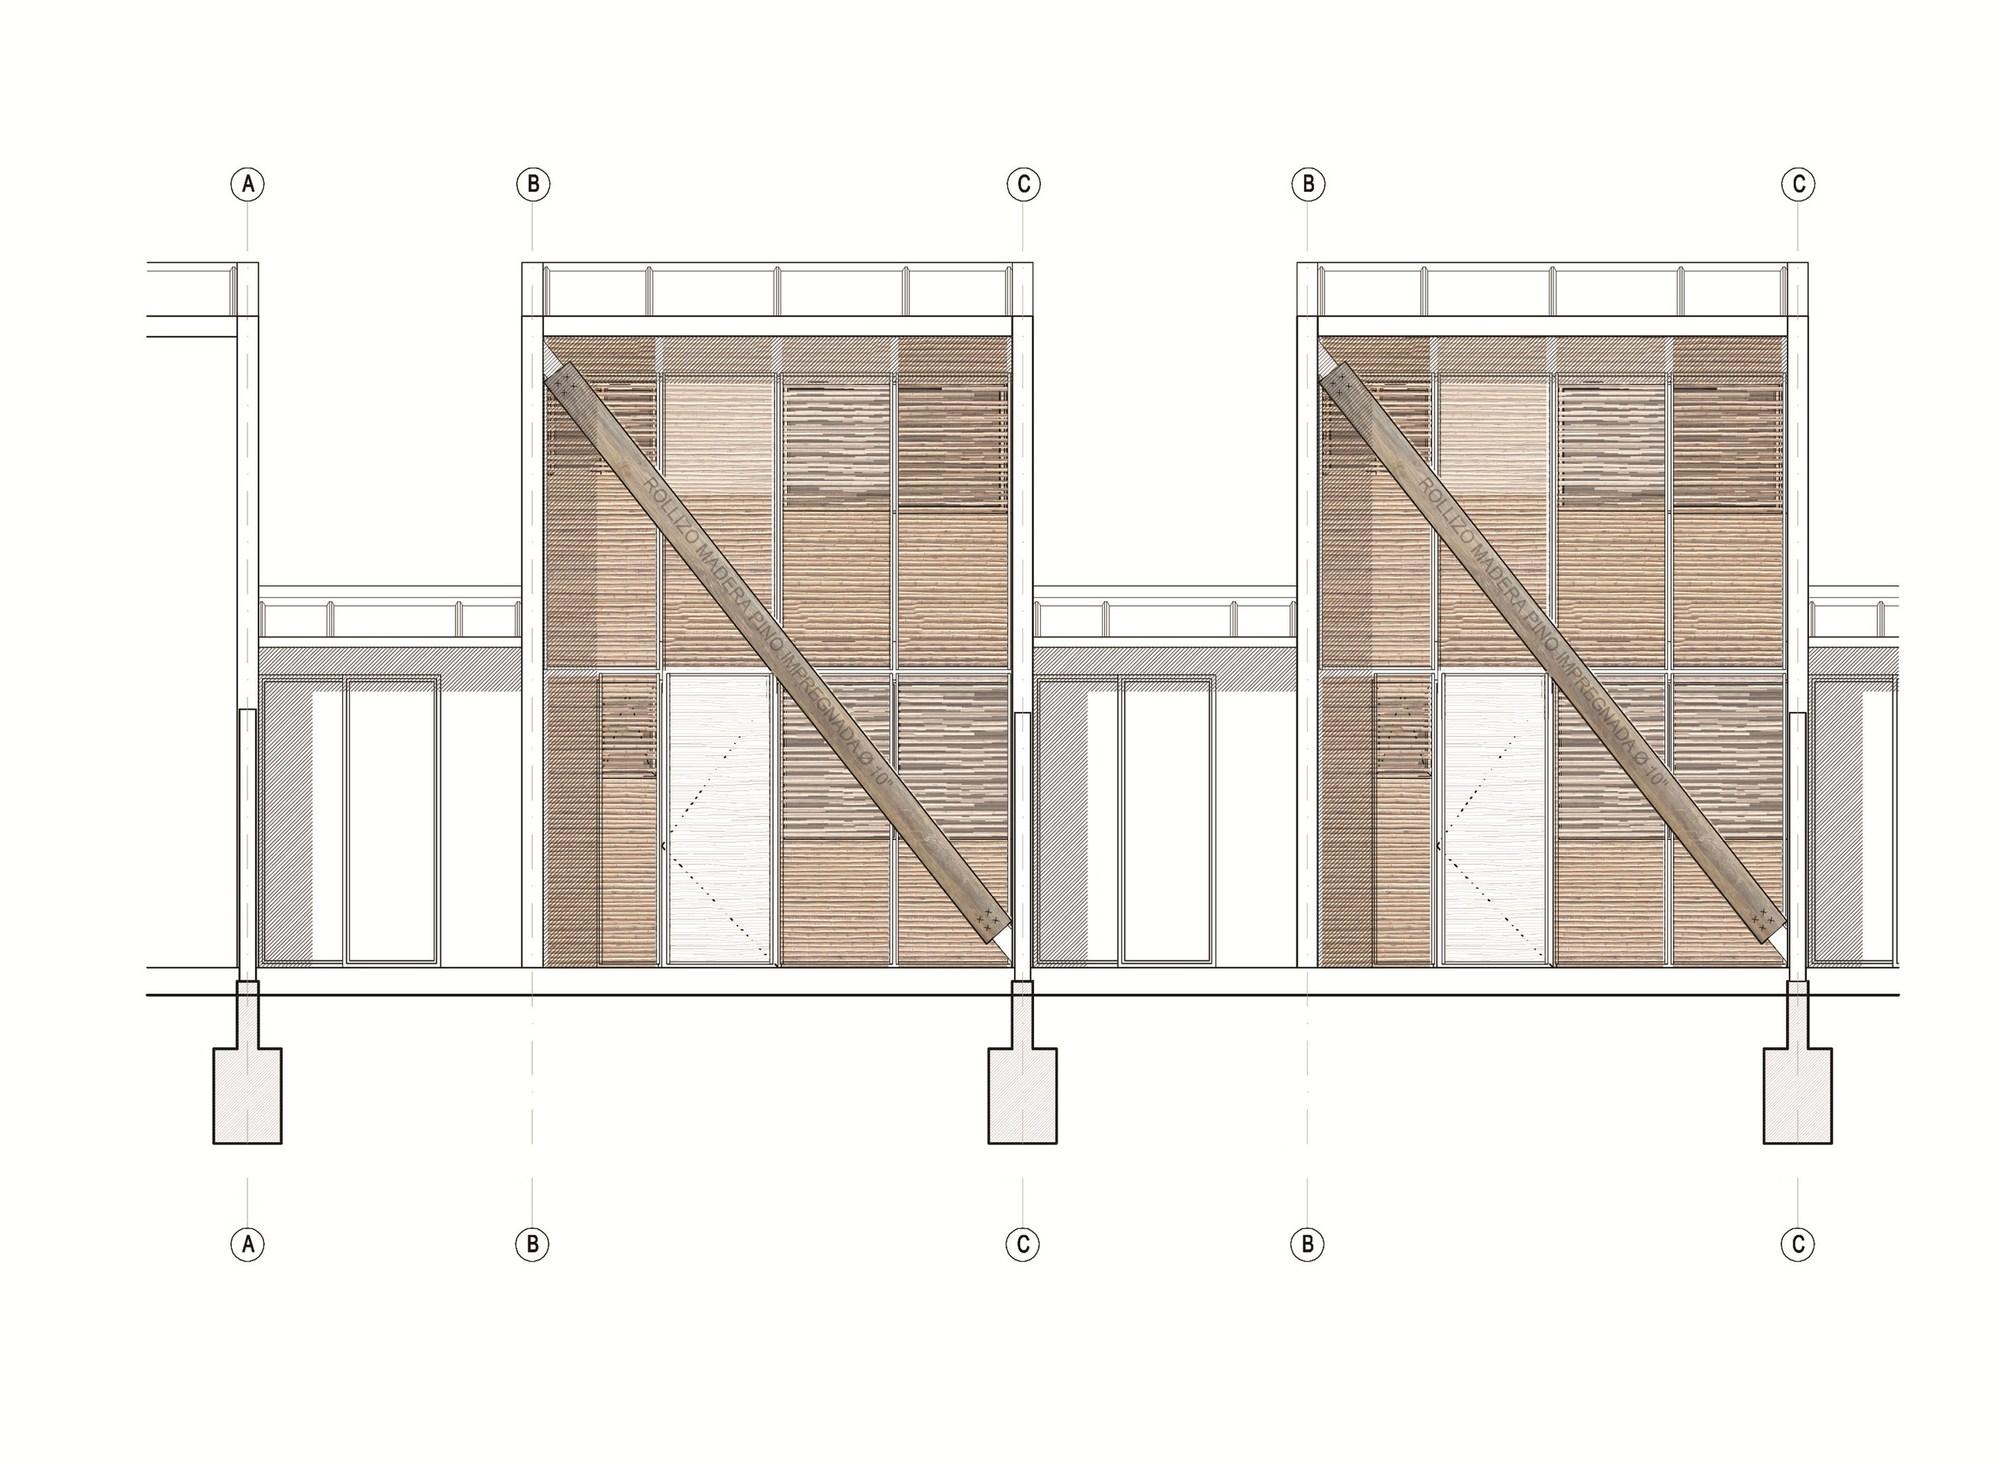 Galer a de viviendas ruca undurraga dev s arquitectos 19 for Frentes de viviendas